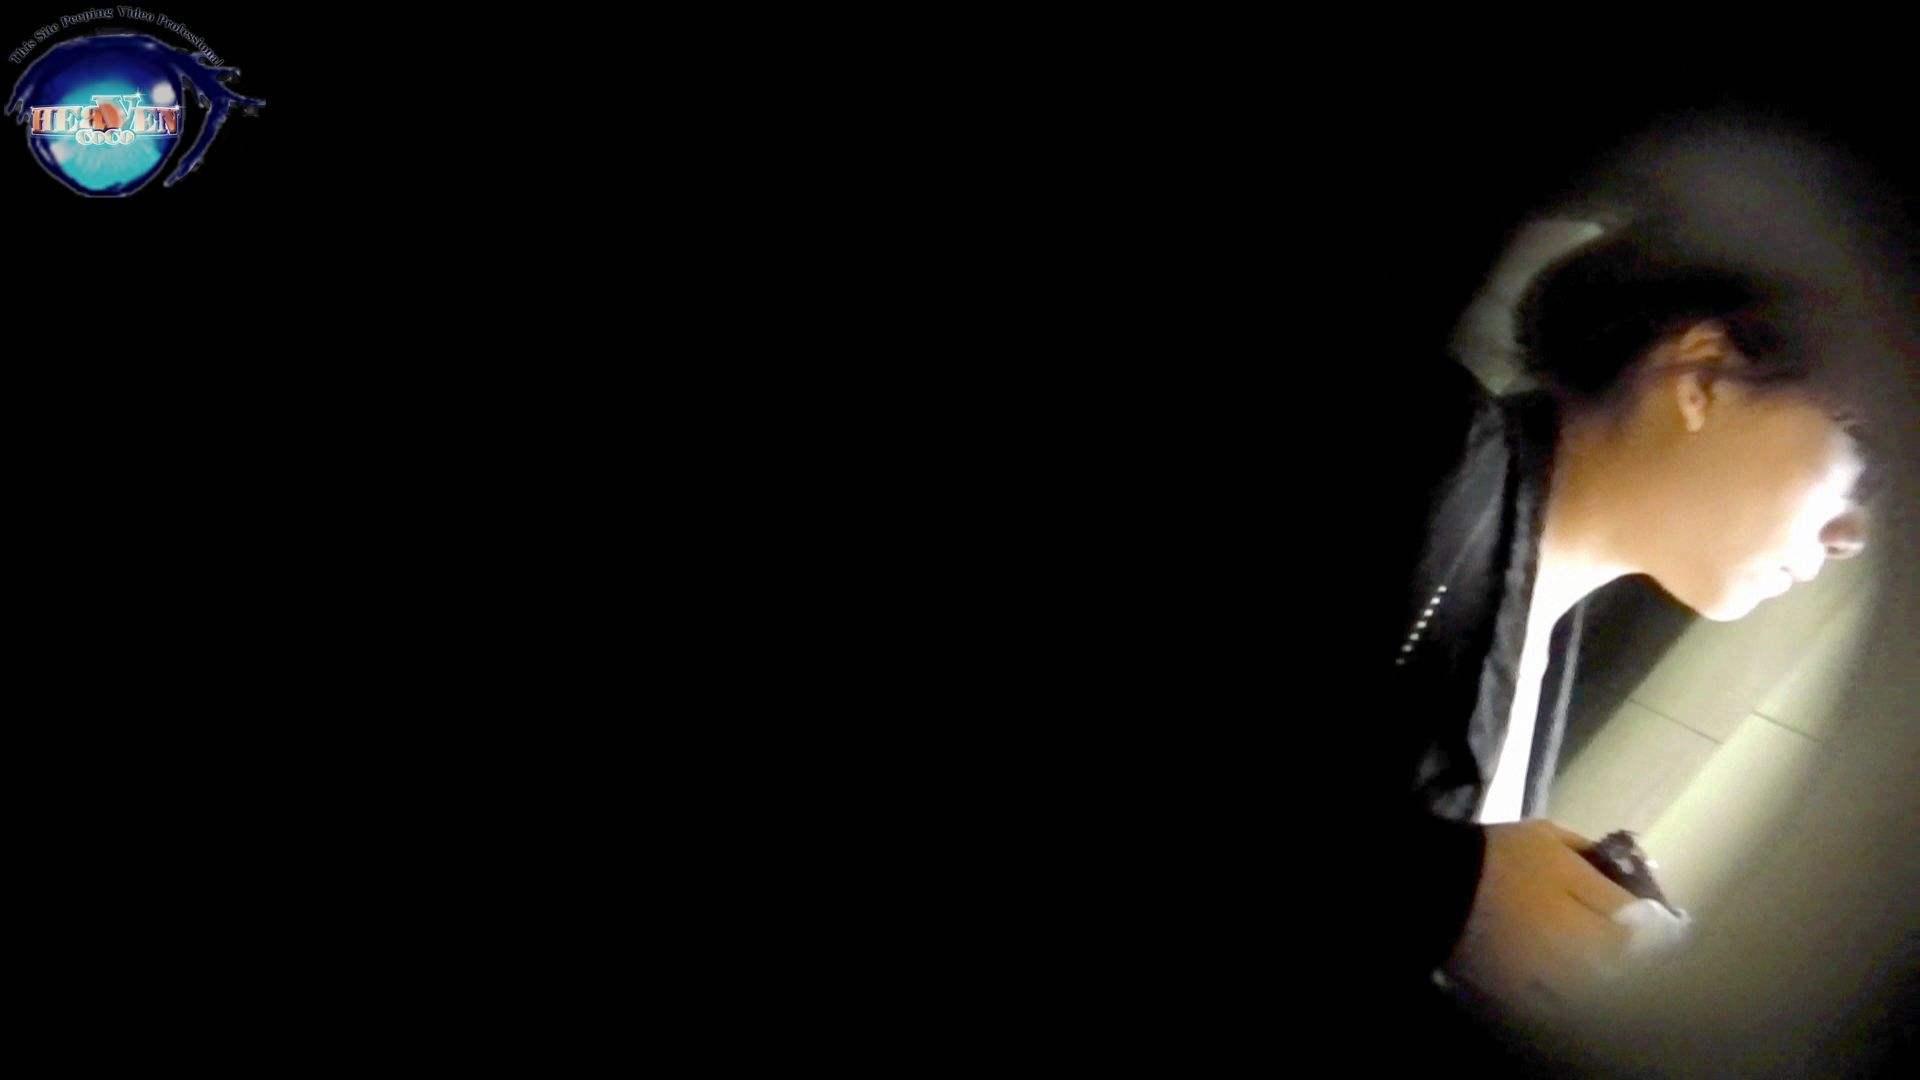 【世界の射窓から】世界の射窓から vol.27 後編 OLのプライベート | 洗面所  11pic 1